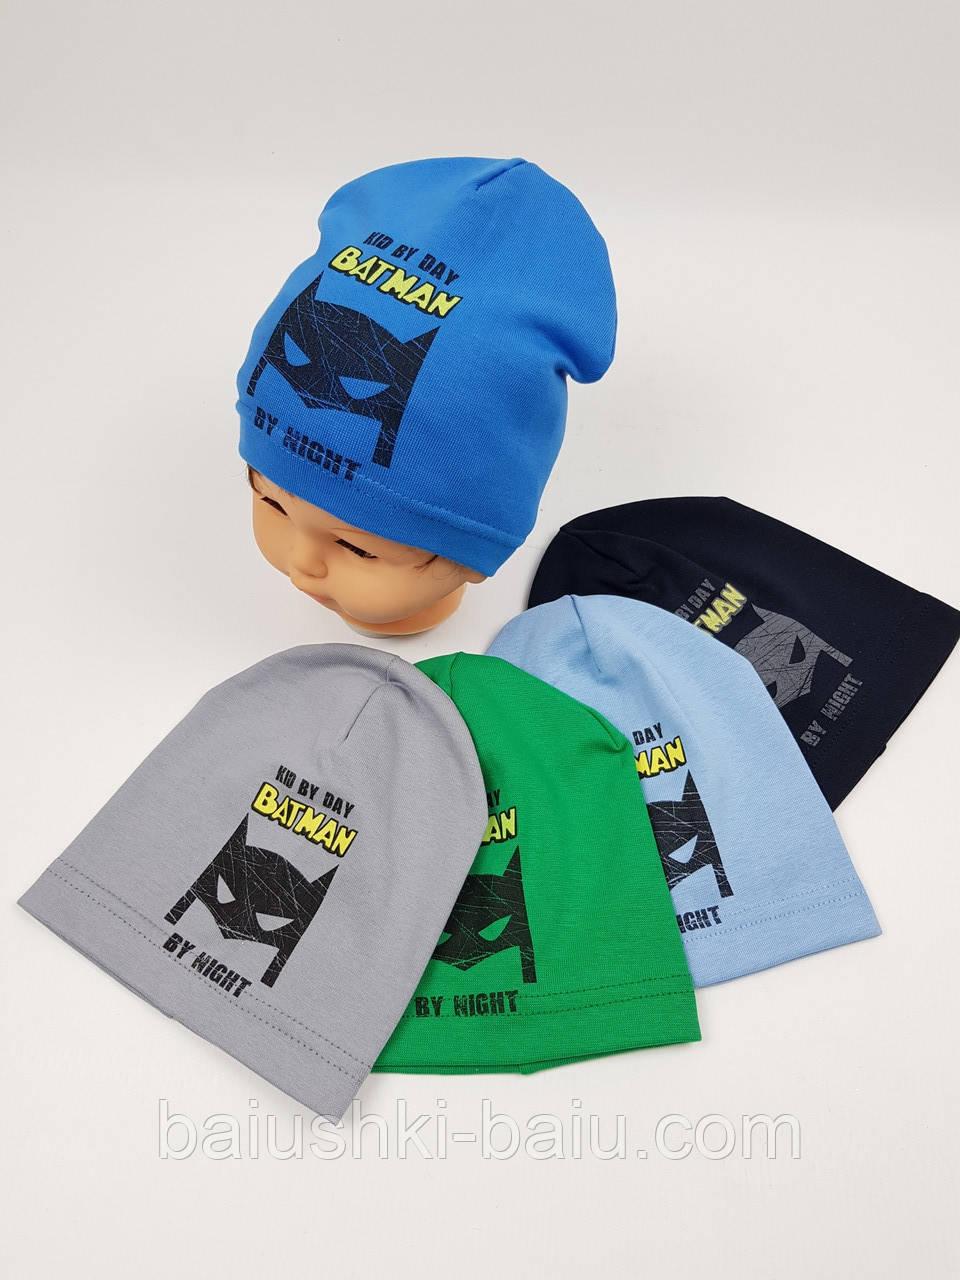 Дитячі демісезонні трикотажні шапки Batman для хлопчиків, р. 40-44, Yaaas